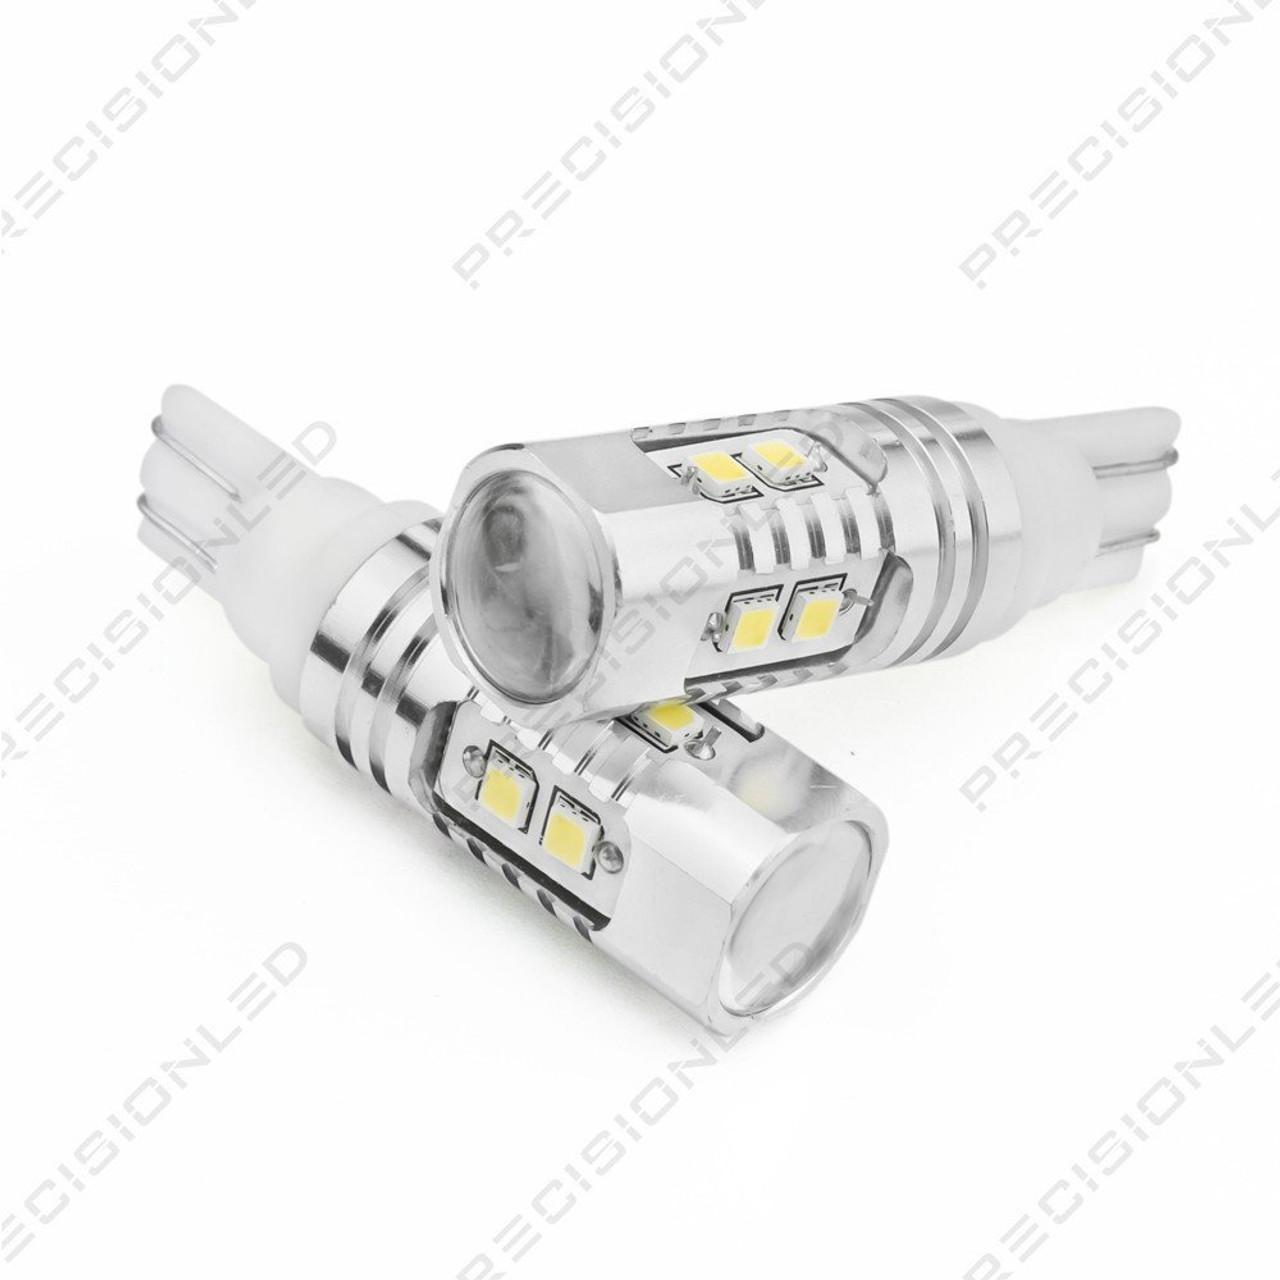 Pontiac Grand Prix Sedan LED Backup Reverse Lights (2004-2008)